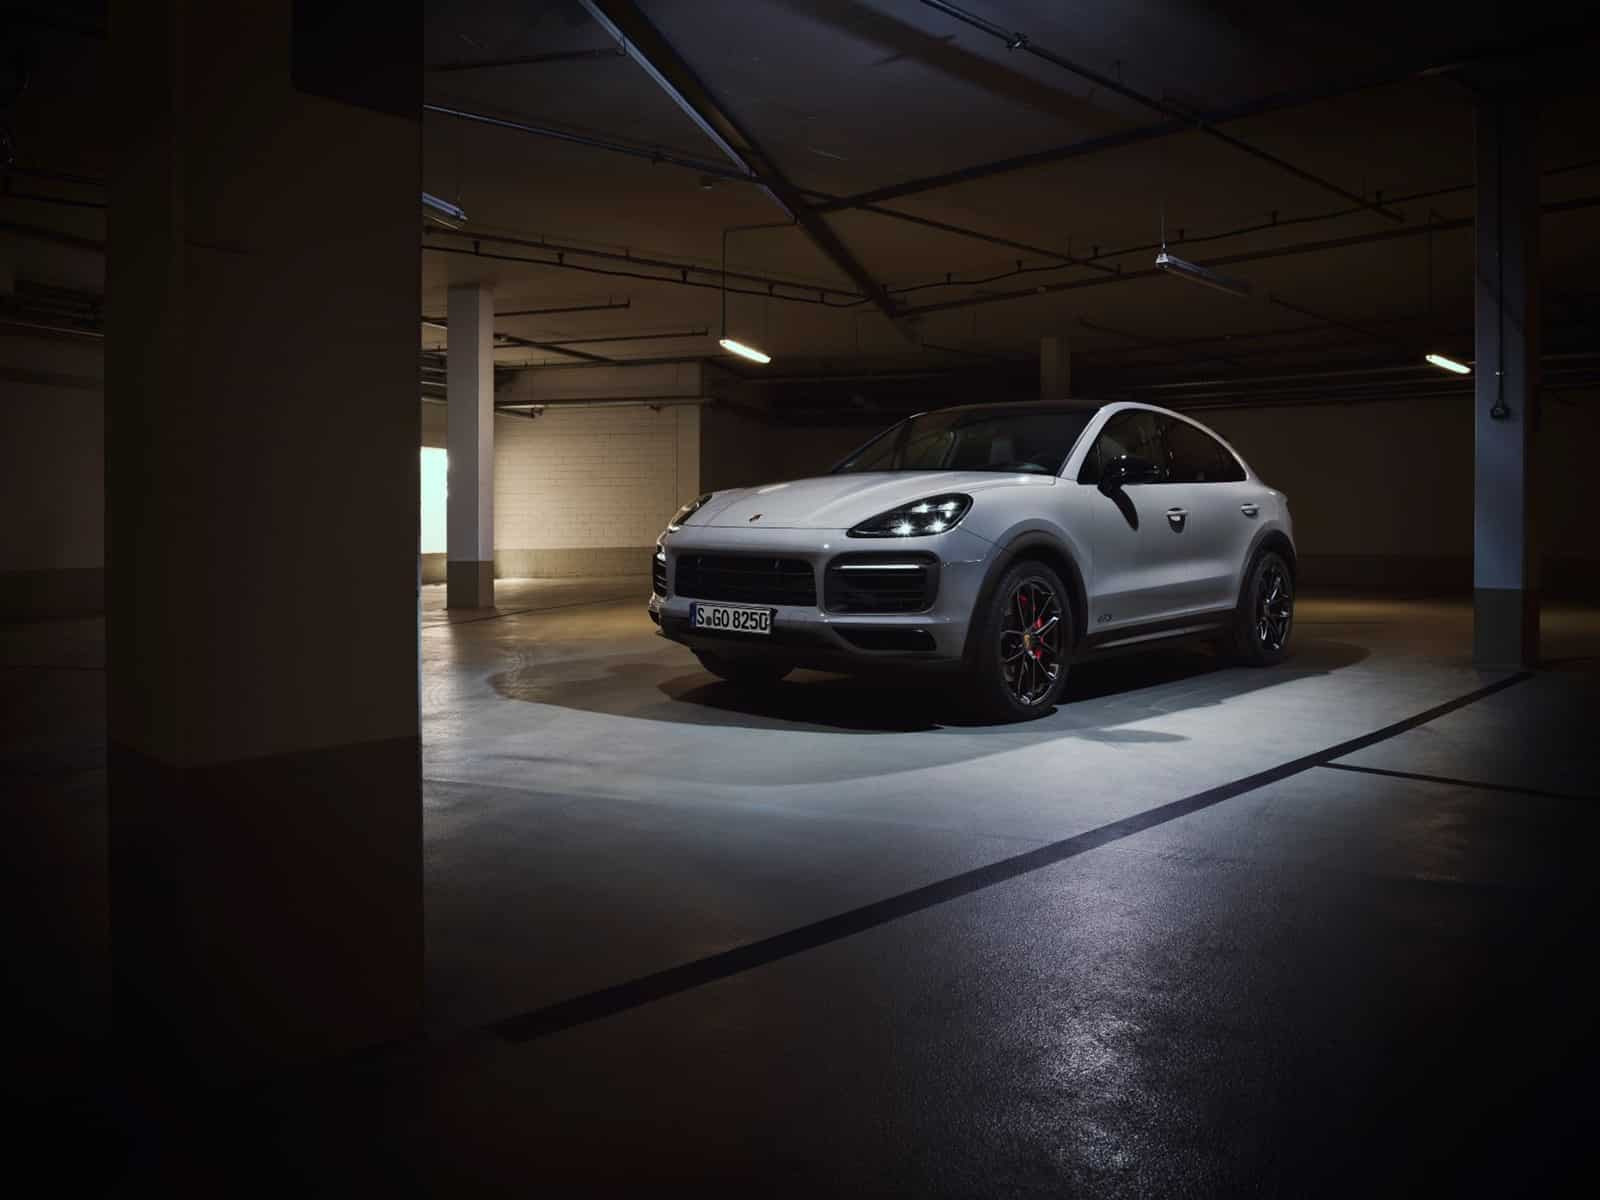 Porsche Cayenne Gts Y Gts Coupe Fuerza Bruta Gracias A Un V8 Biturbo De 4 0 Litros